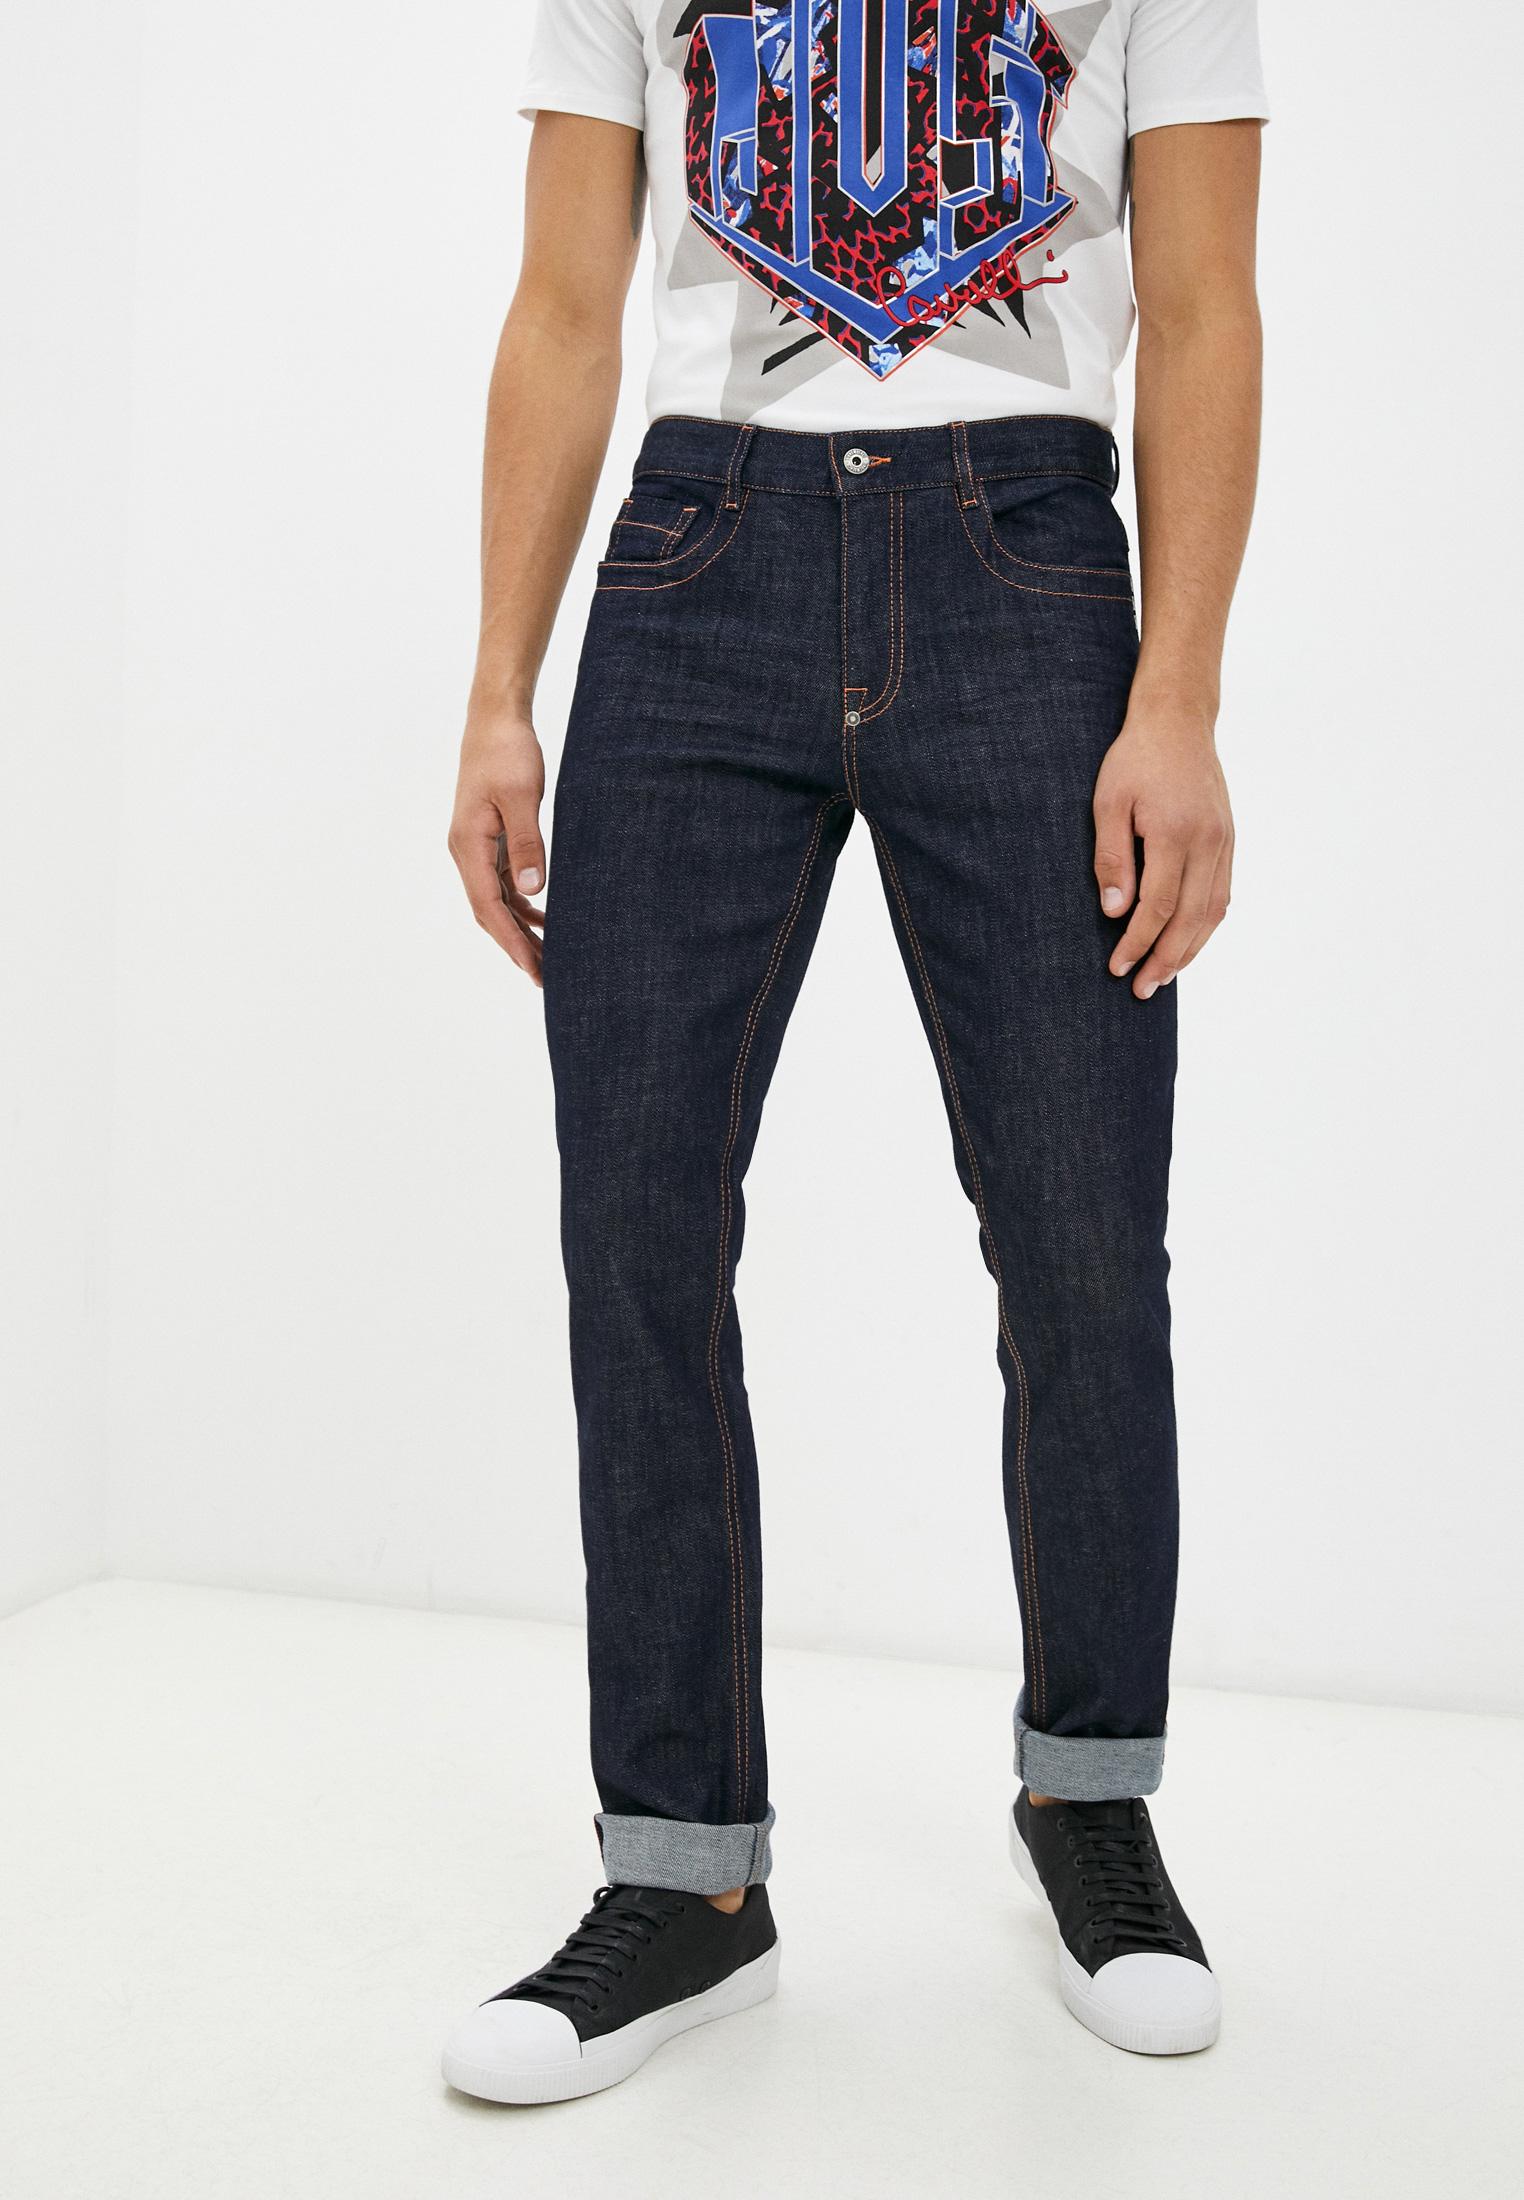 Зауженные джинсы Bikkembergs C Q 101 03 S 3393: изображение 11